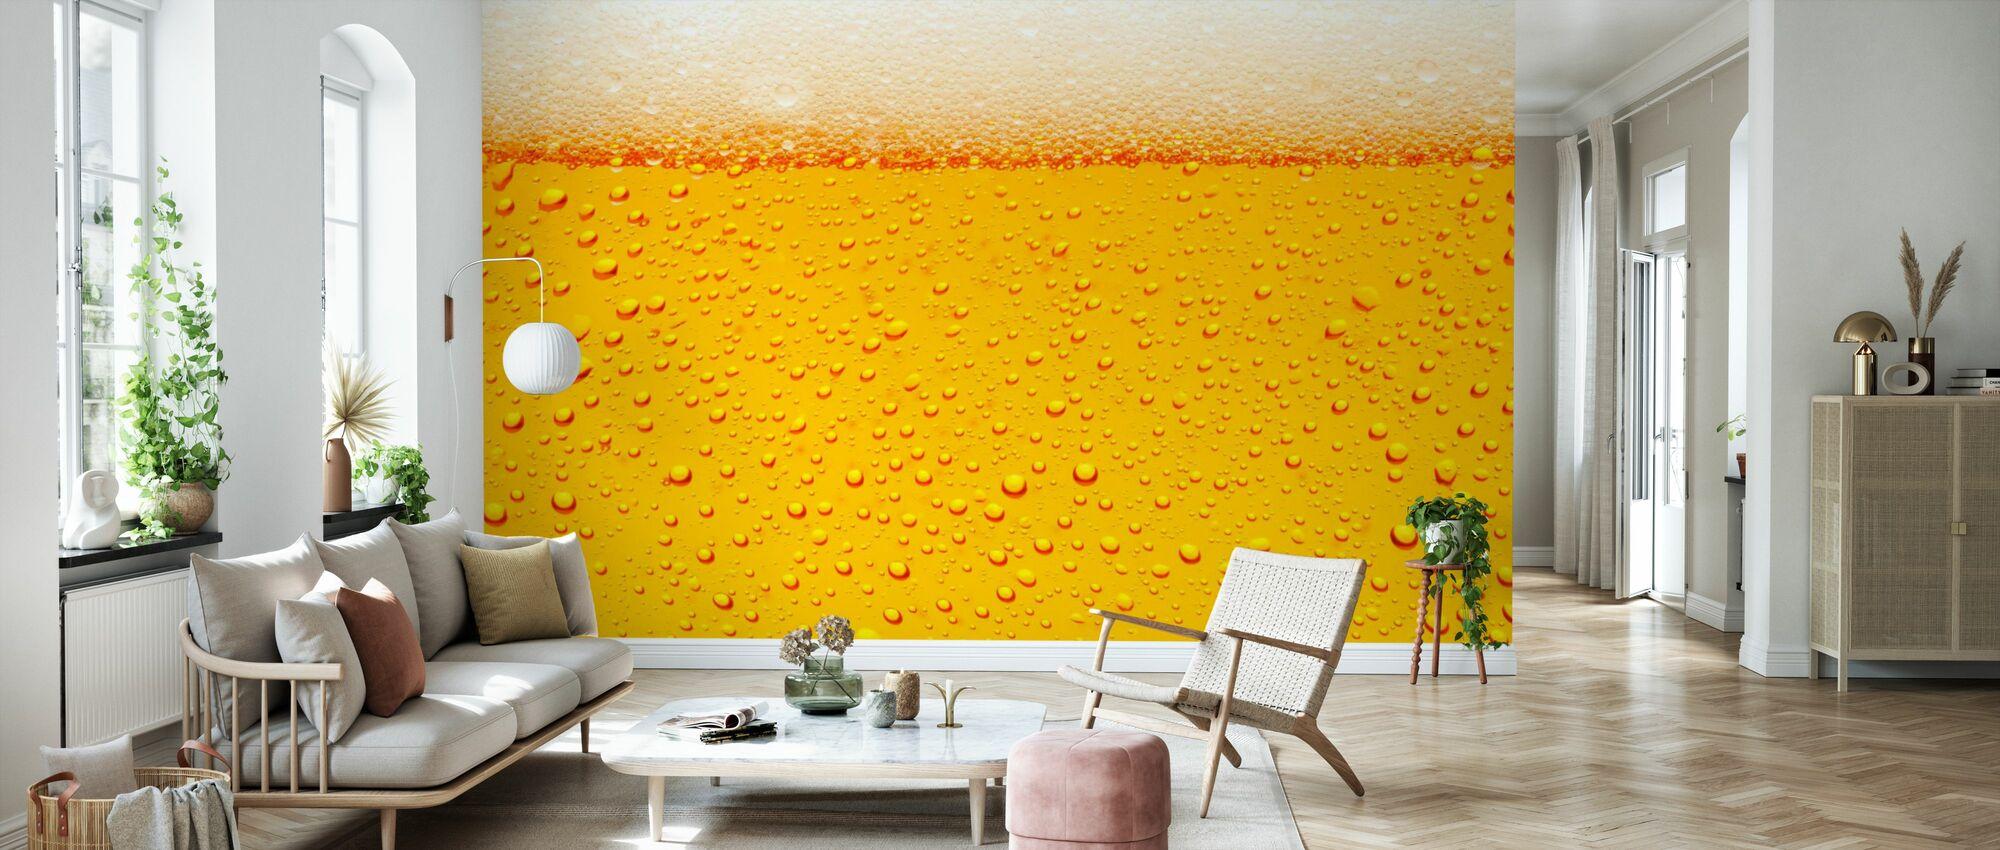 Beer - Wallpaper - Living Room